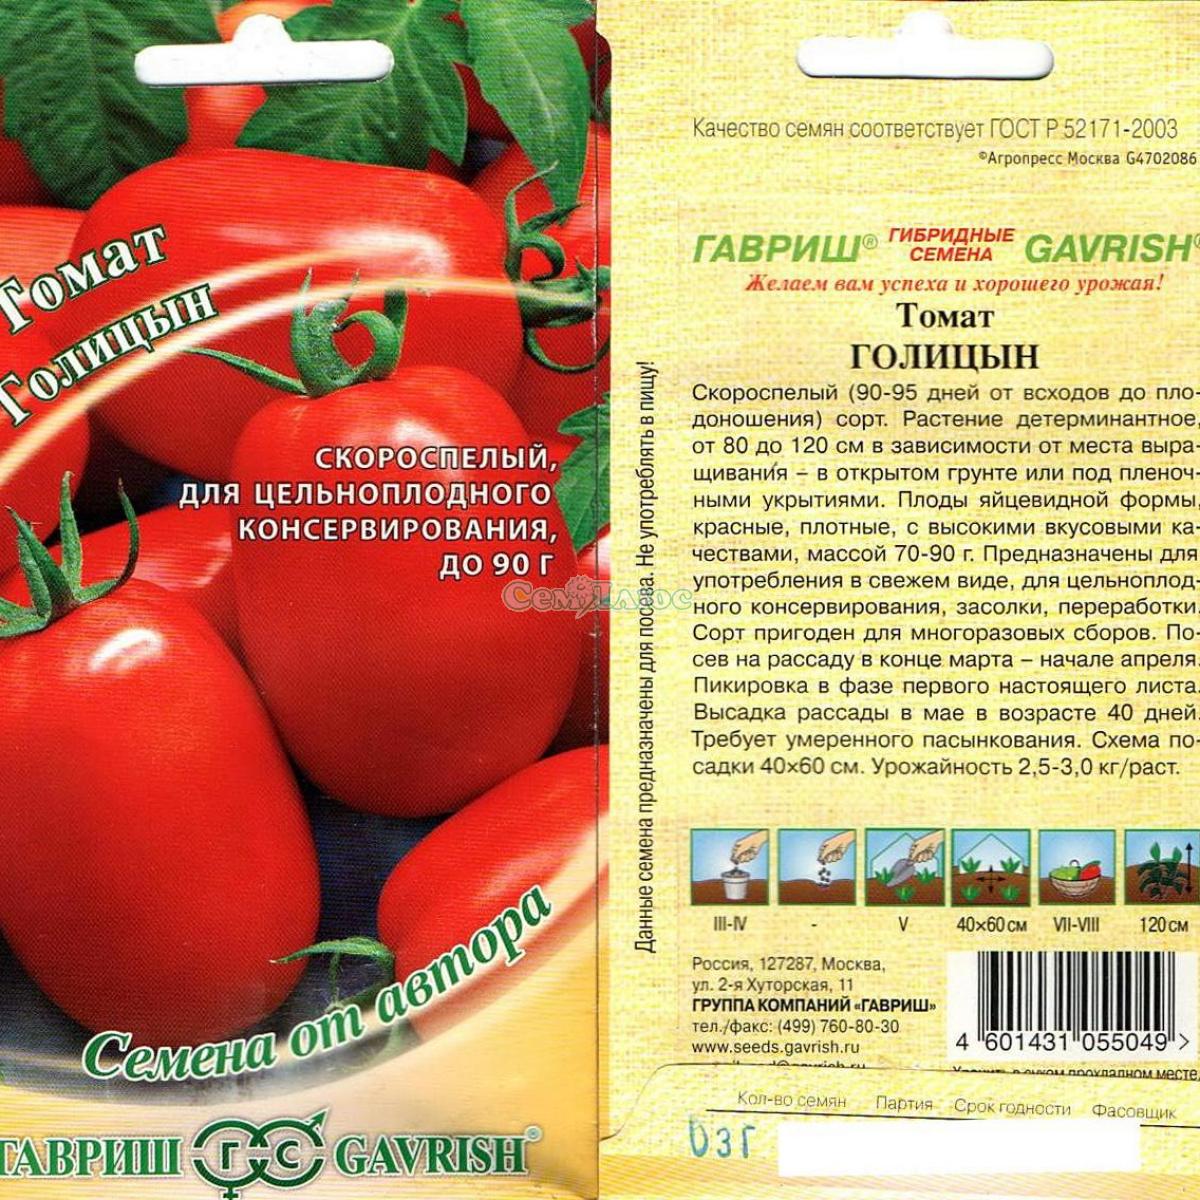 Сорта помидоров для консервирования: рецепты для томатов, какие лучше, отзывы